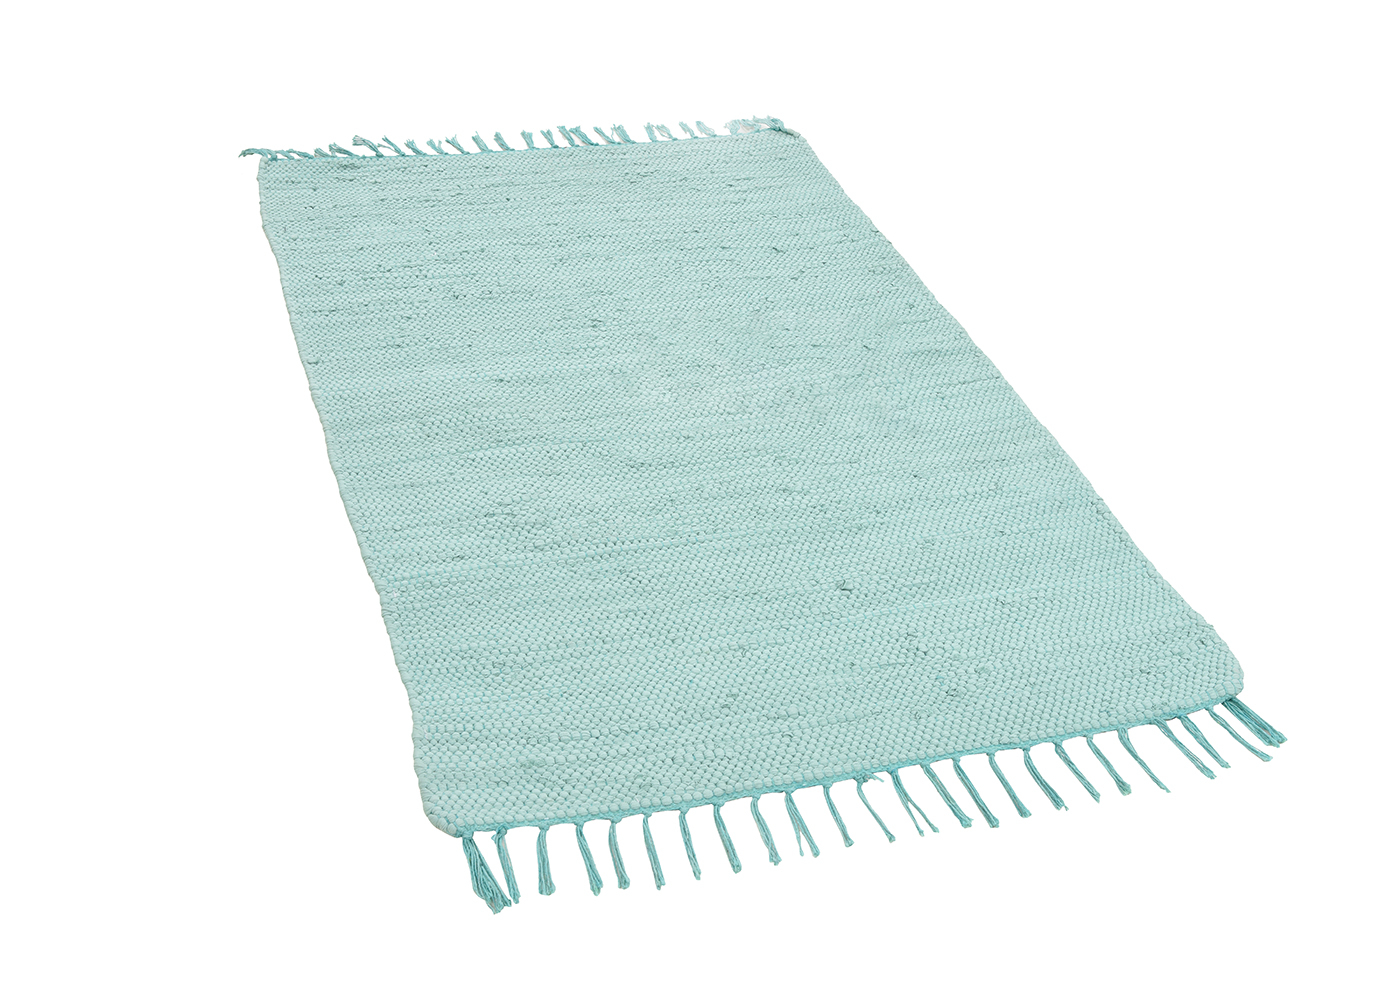 Matto Happy Cotton 90x160 cm, mintunvihreä